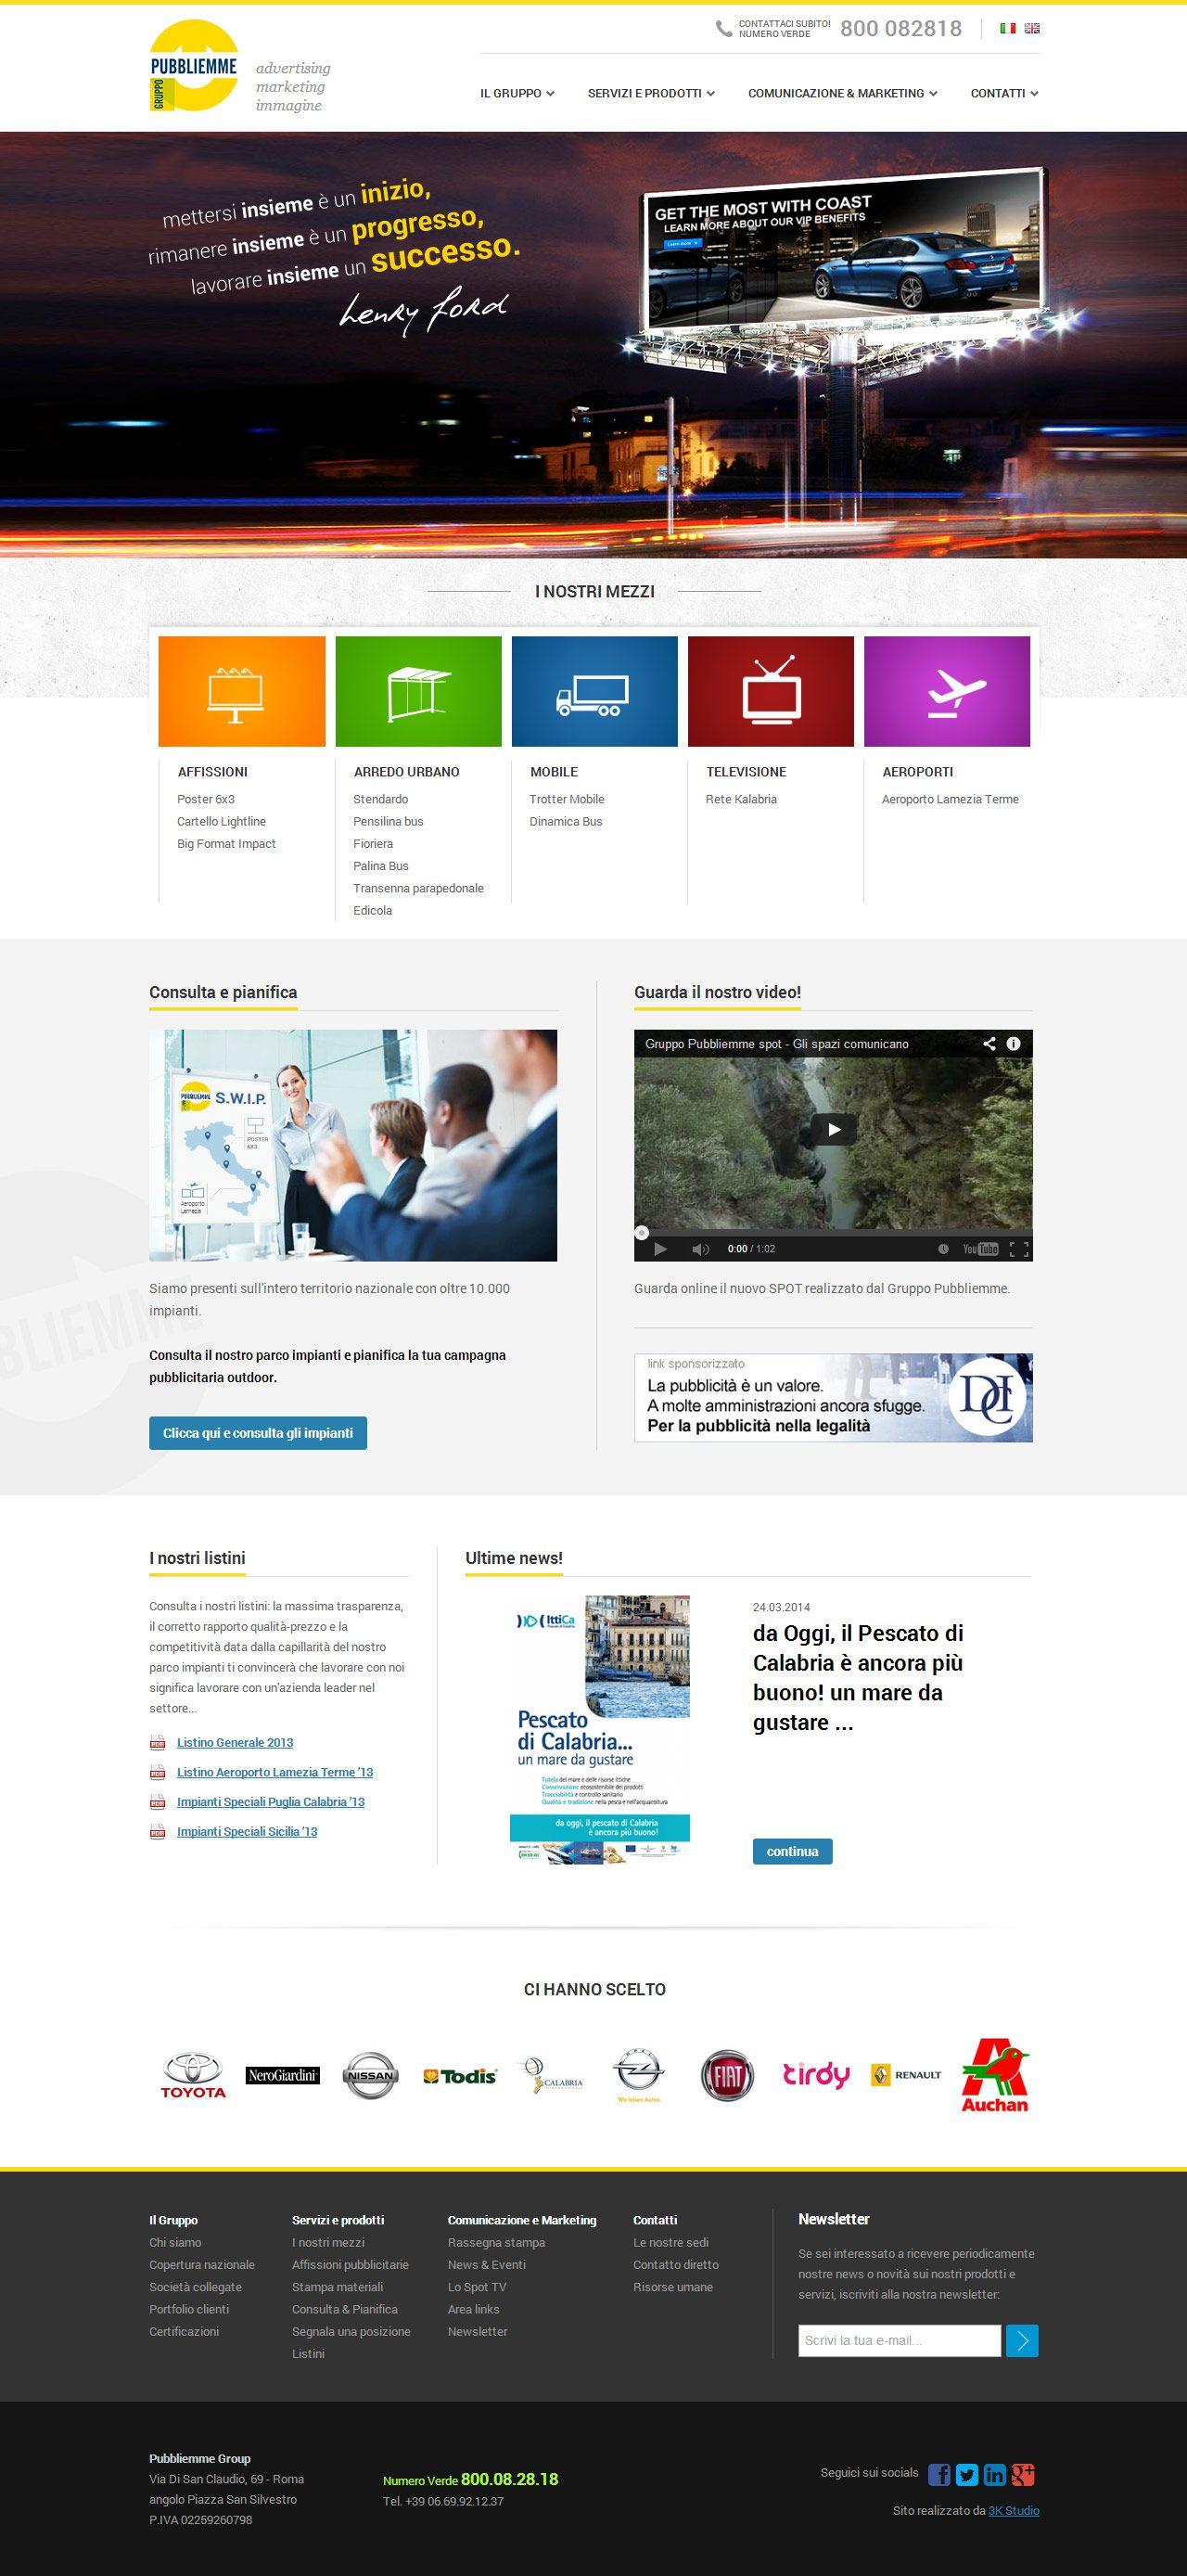 Gruppo Pubbliemme - Concessionaria Nazionale Spazi Pubblicitari Outdoor, cartellonistica e affissioni pubblicitarie. #webdesign #portfolio